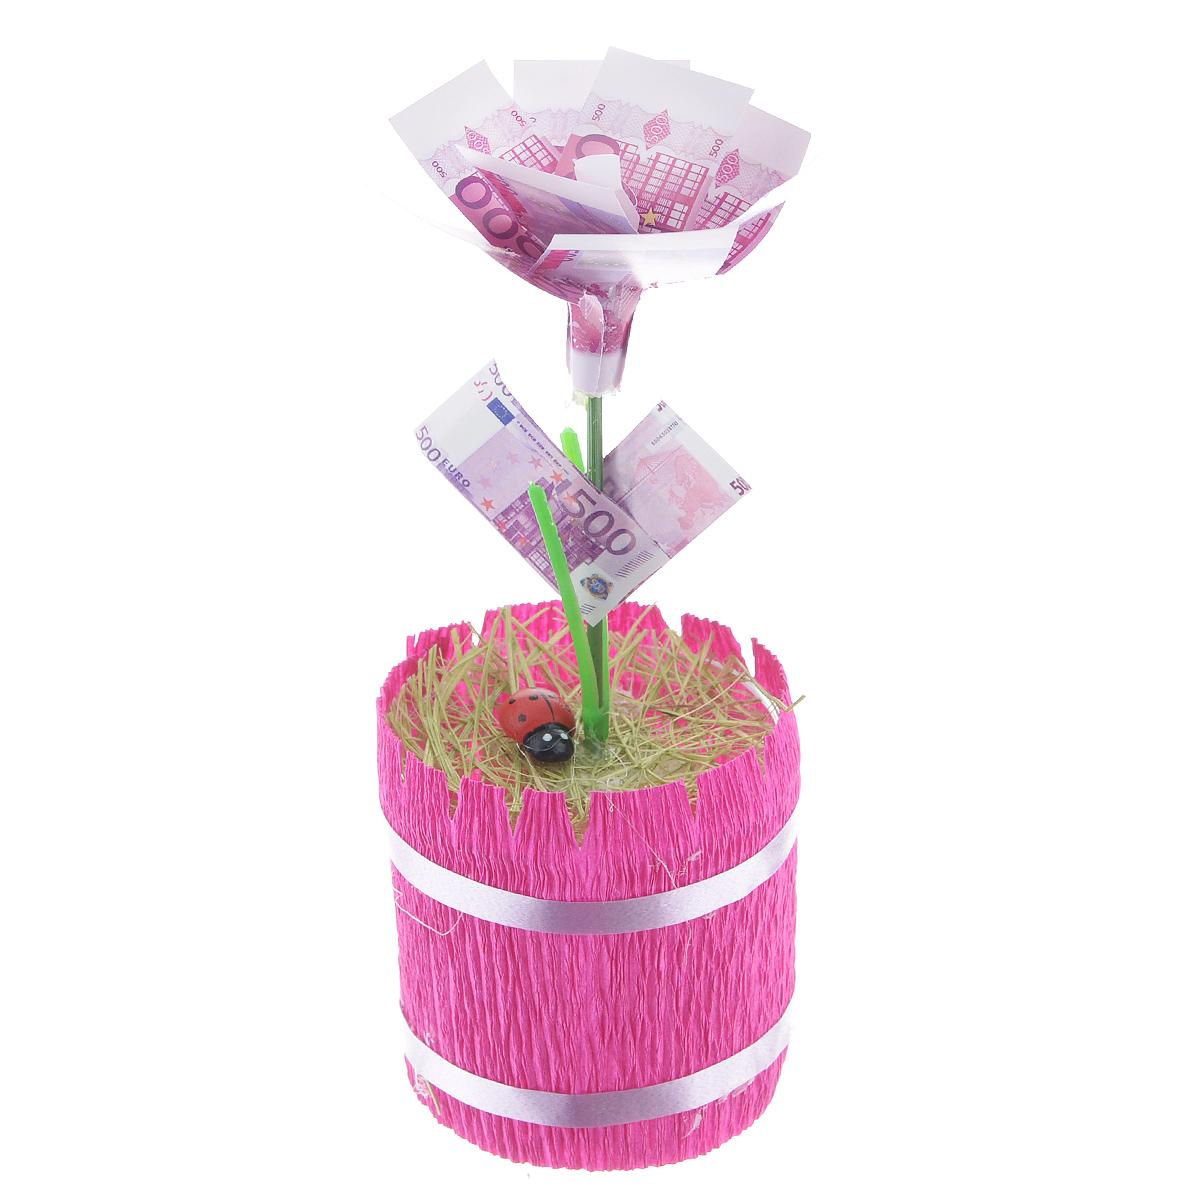 Денежный цветок Расцвет бизнеса. Евро, цвет: ярко-розовый, зеленый, белый89969Настольная композиция Расцвет бизнеса. Евро выполнена в виде симпатичного денежного цветка. На пластиковый стебель цветка насажены миниатюрные купюры достоинством в 500 евро. Цветок закреплен в стеклянном стакане-горшочке, оформленном гофрированной бумагой. У основания цветка расположена забавная божья коровка.Такой симпатичный денежный цветок будет отличным подарком к любому случаю! Высота цветка: 13,5 см. Диаметр цветка: 5,5 см.